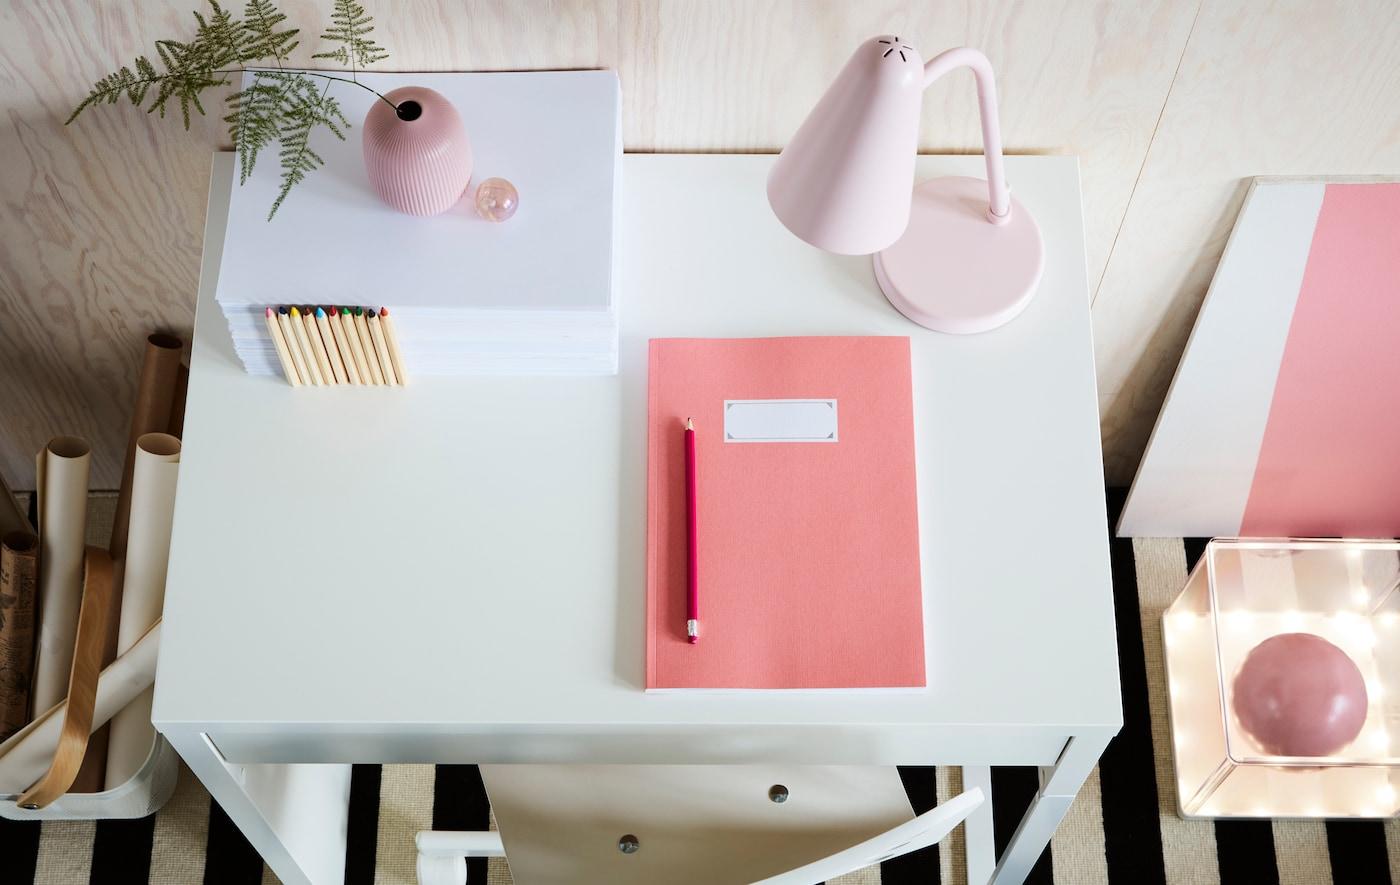 Auf in unsere toll gestalteten Kinderzimmer! Den Anfang macht ein funktioneller weisser Schreibtisch wie z. B. MICKE Schreibtisch!